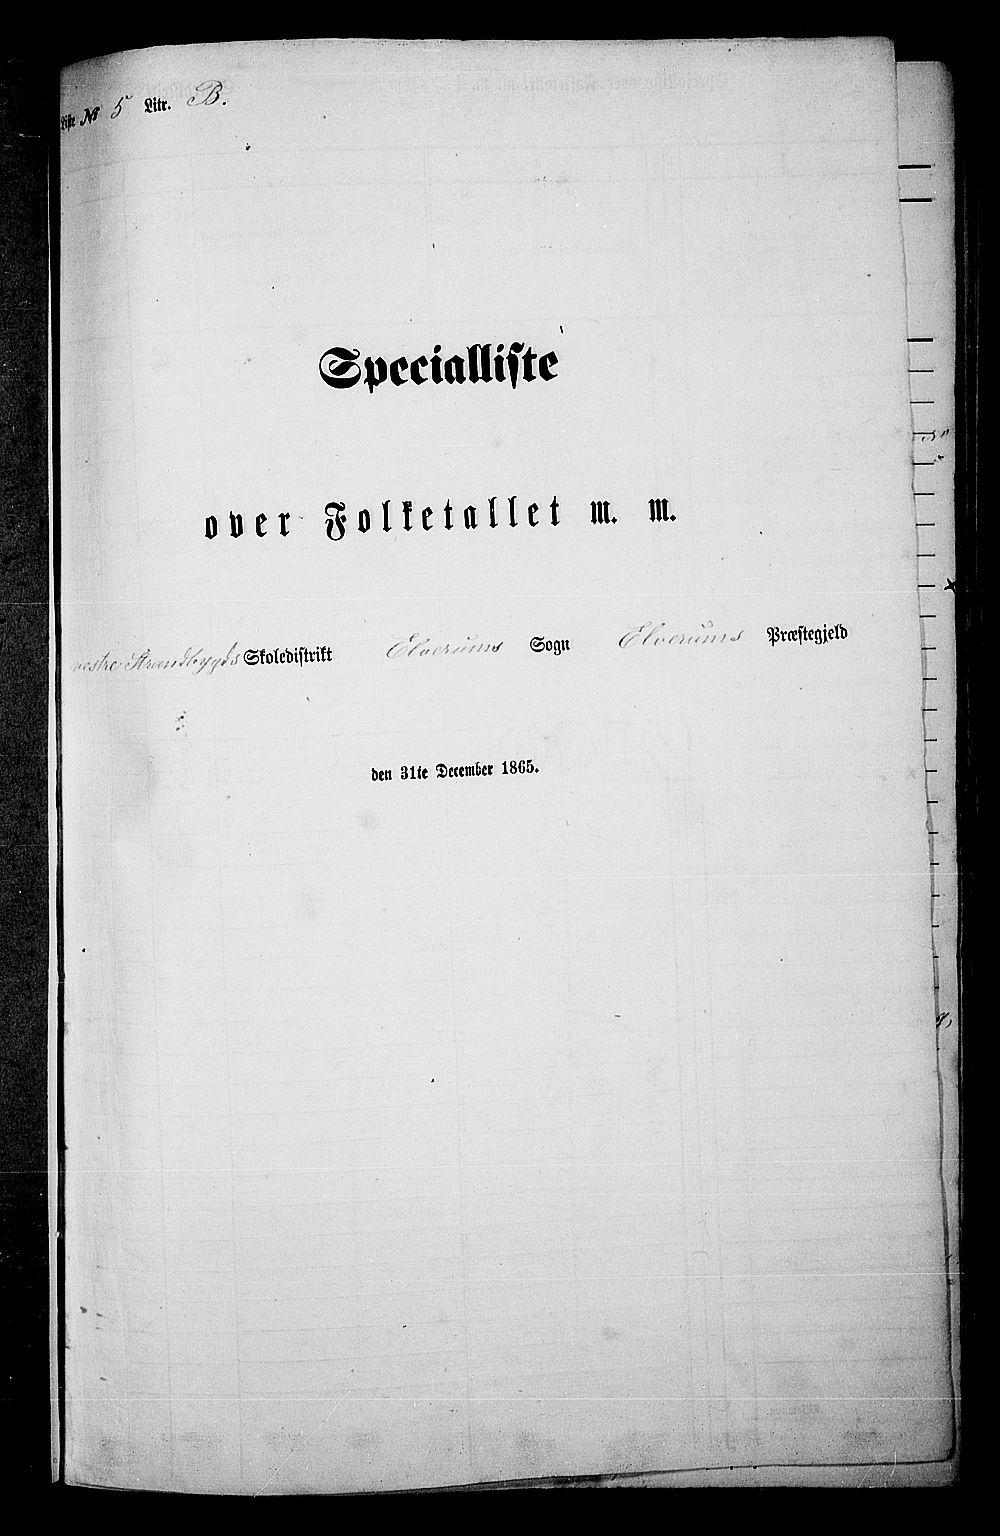 RA, Folketelling 1865 for 0427P Elverum prestegjeld, 1865, s. 130